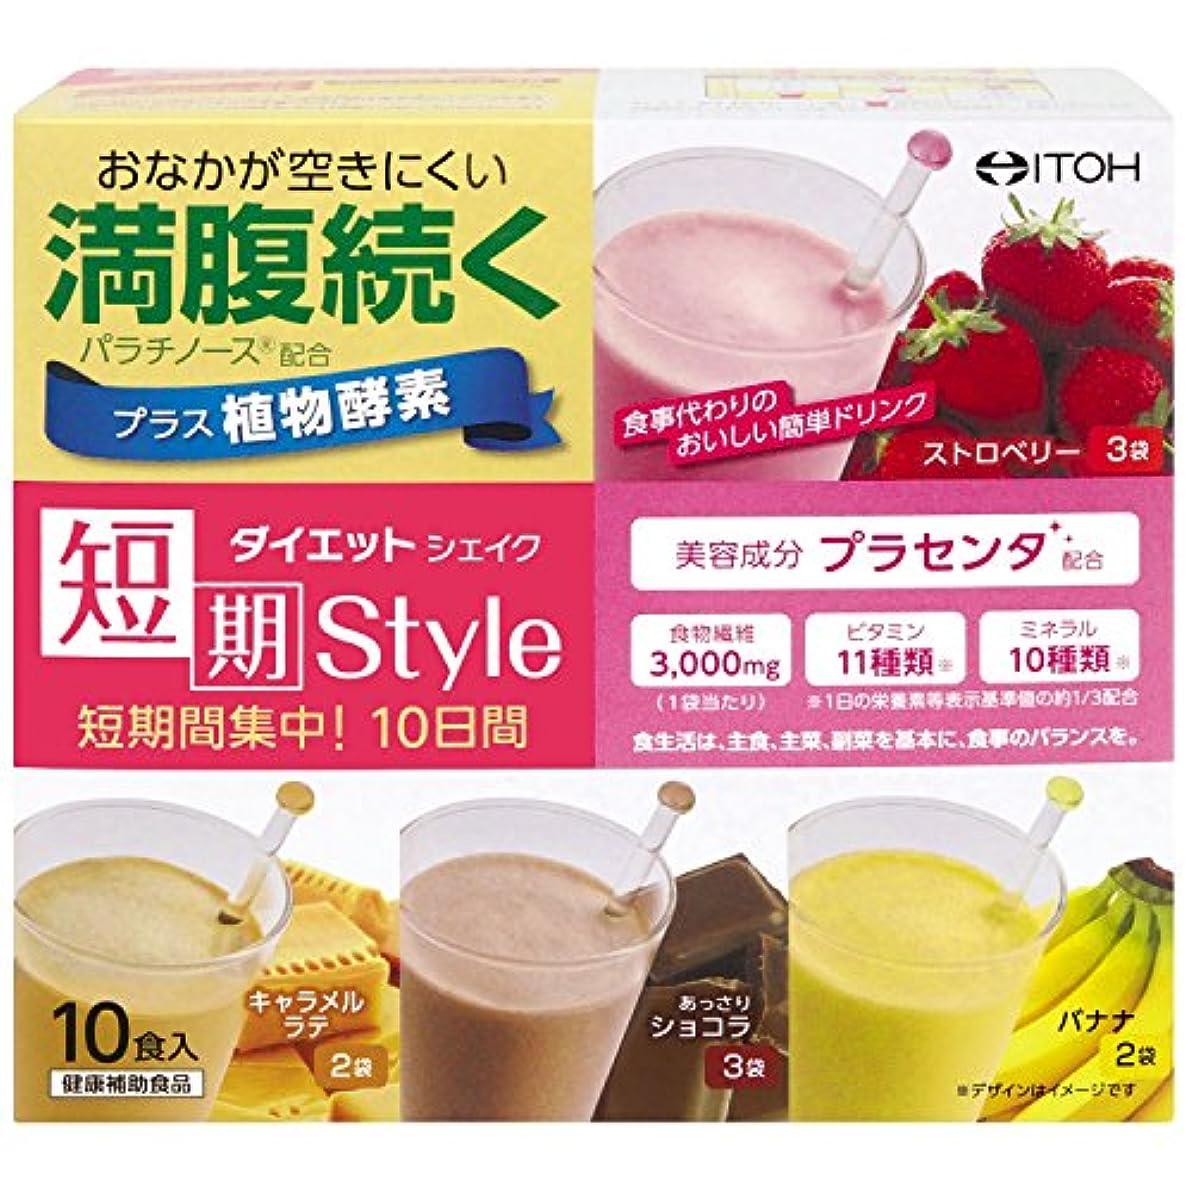 振るうブームたるみ井藤漢方製薬 短期スタイル ダイエットシェイク 25g×10袋